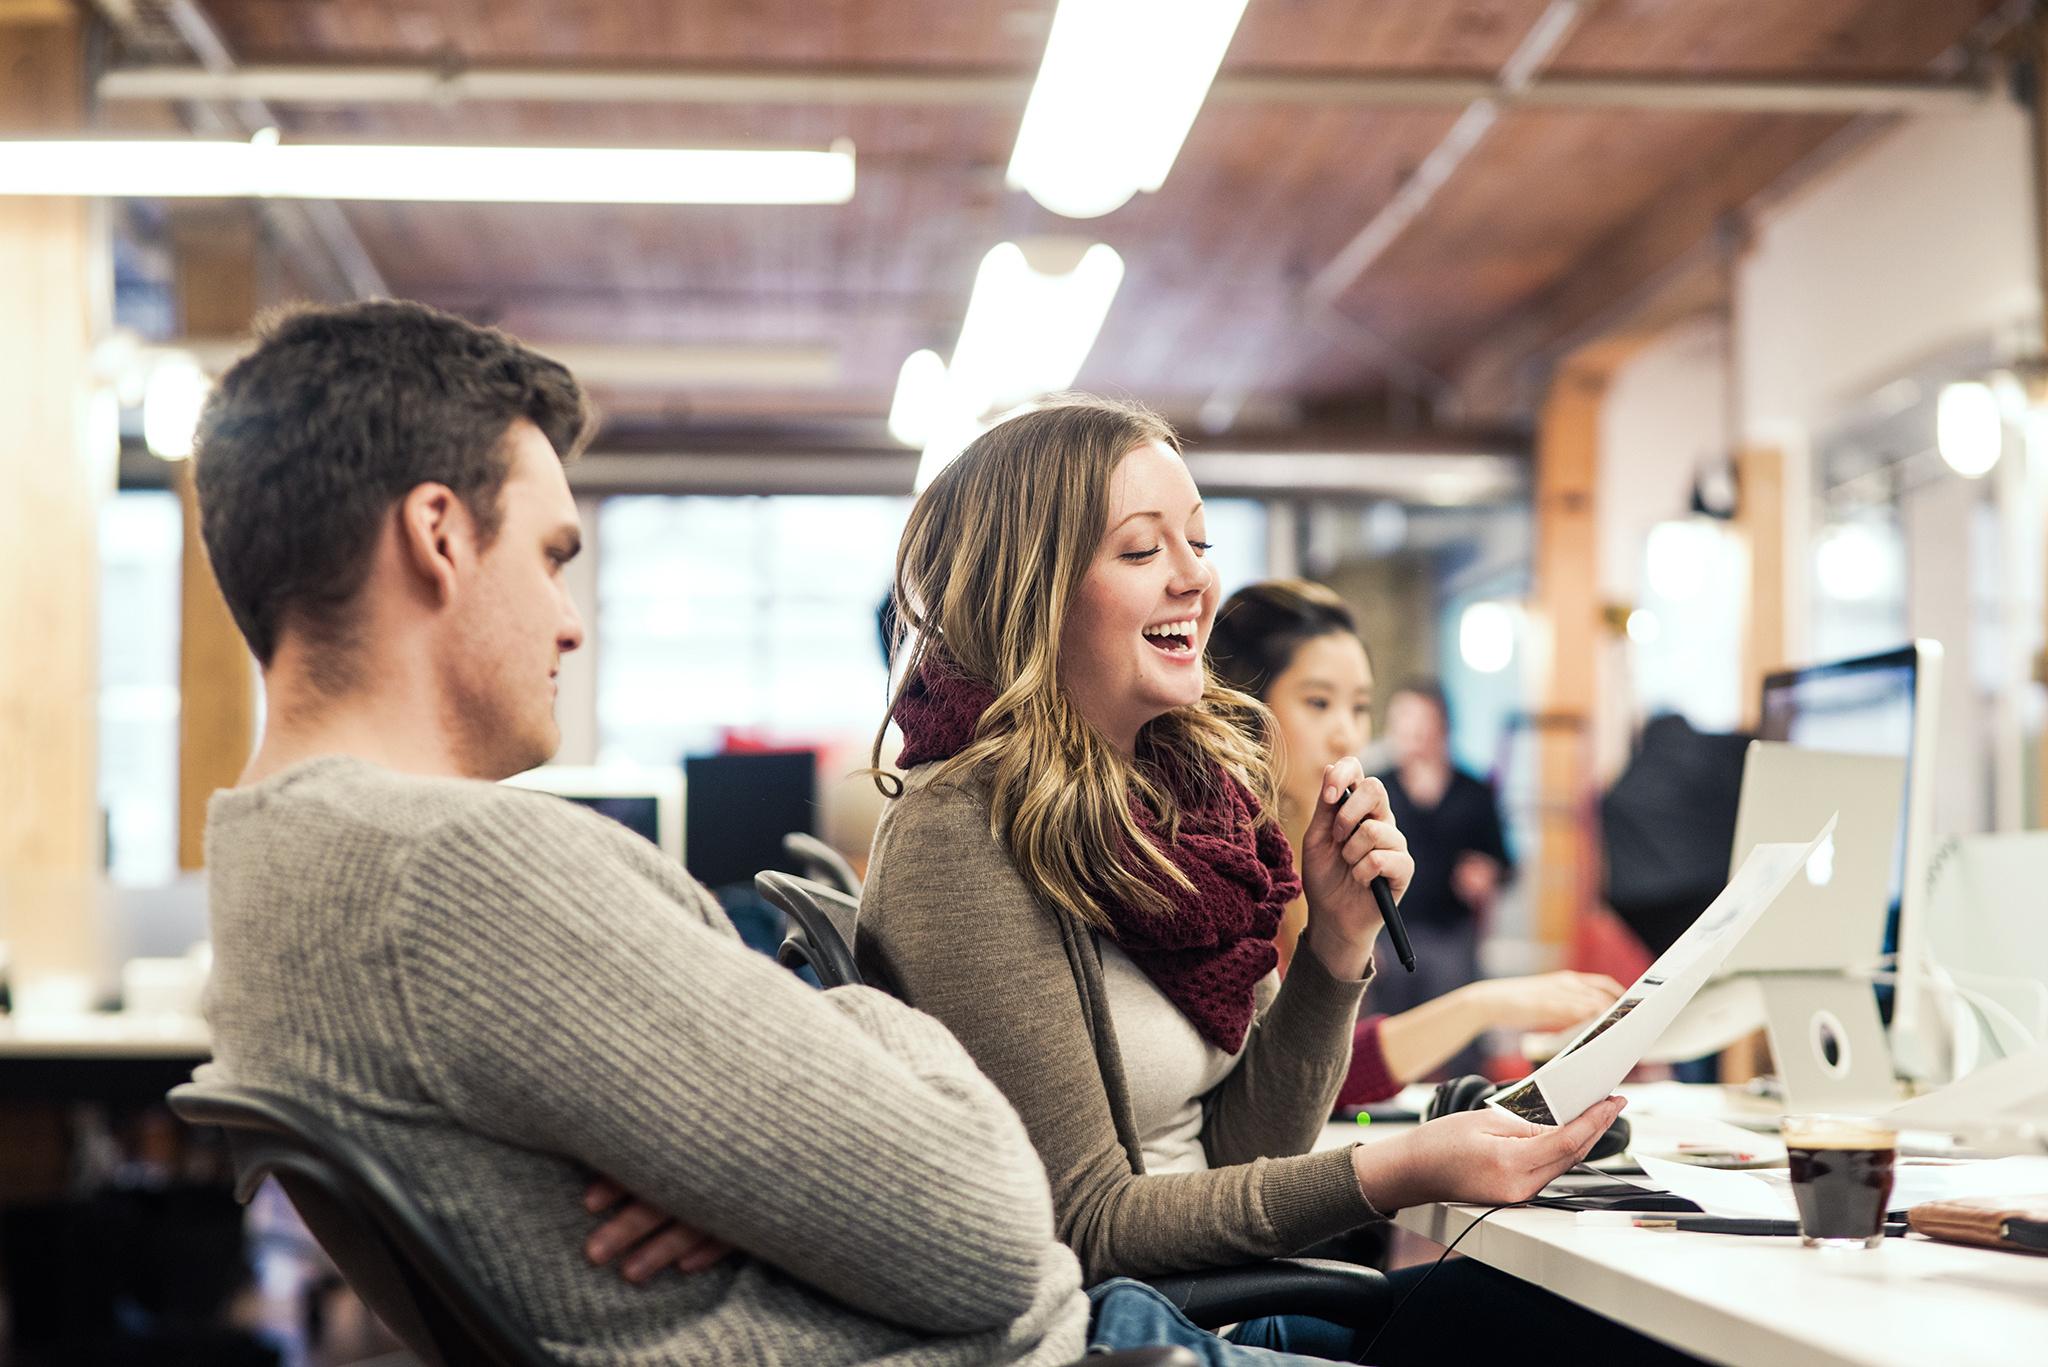 REPARTIR AVEC SON SITE - Vous faites votre site internet avec votre formateur pendant la formation.